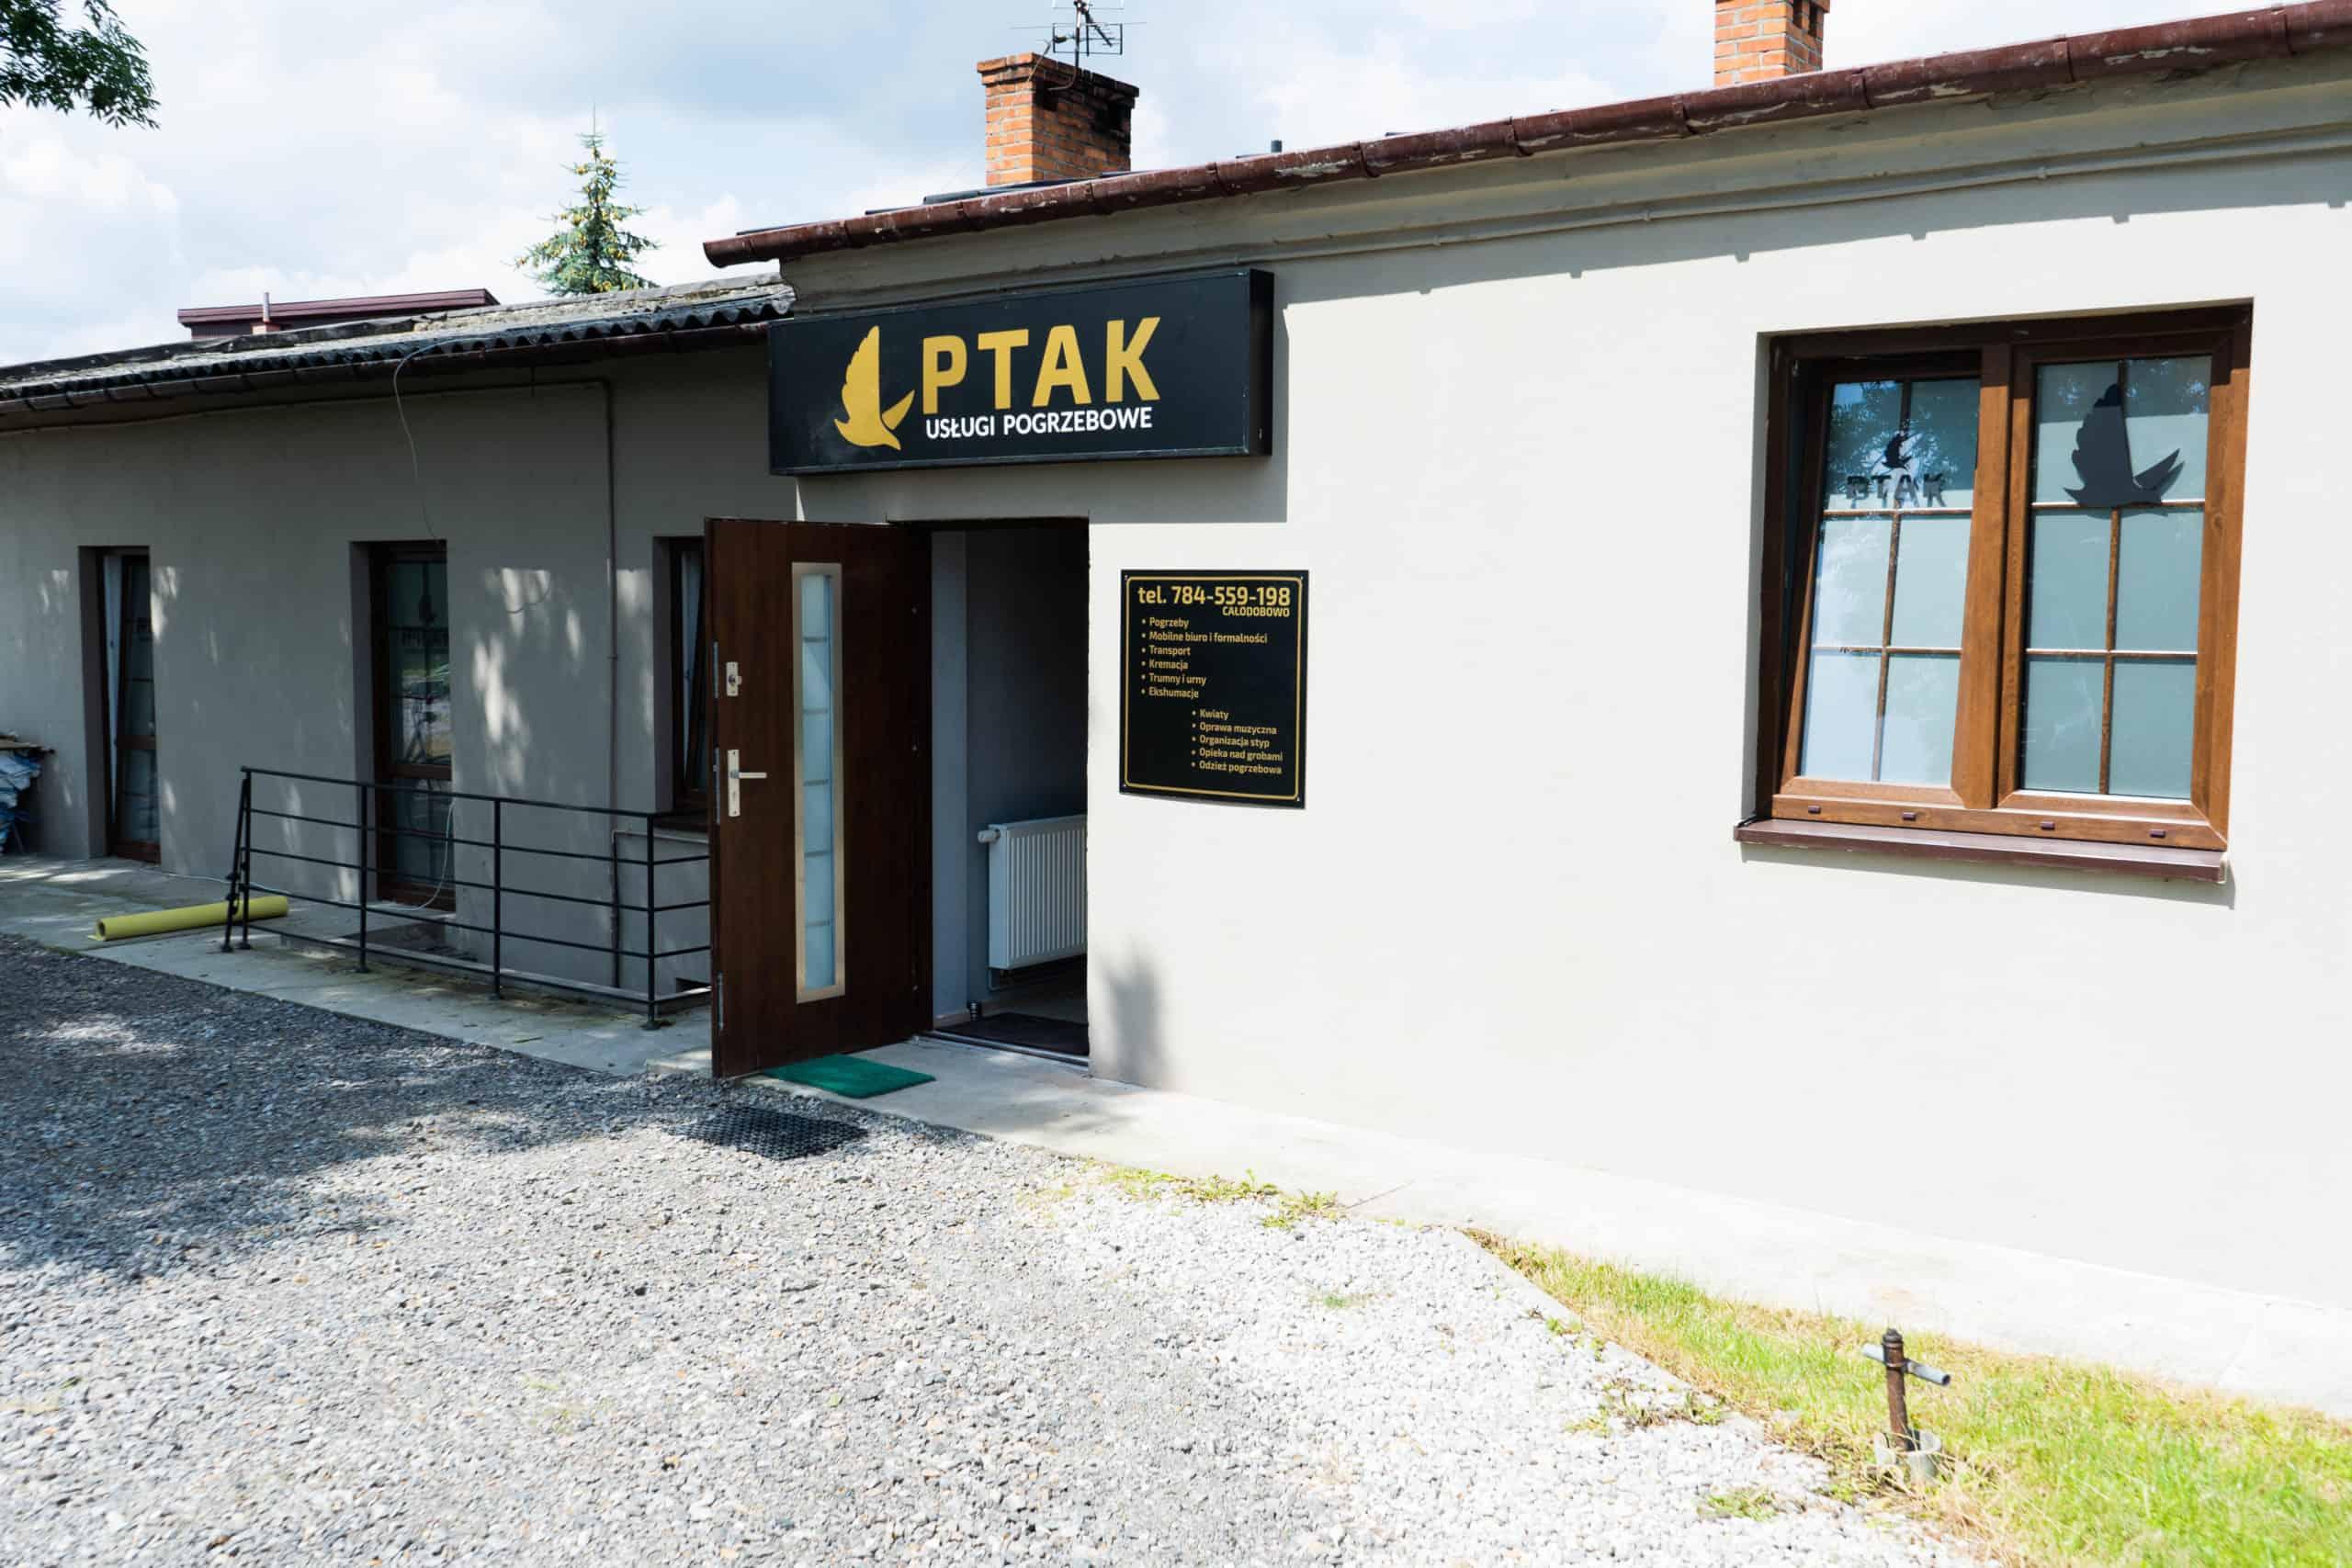 Główne biuro firmy pogrzebowej ptak